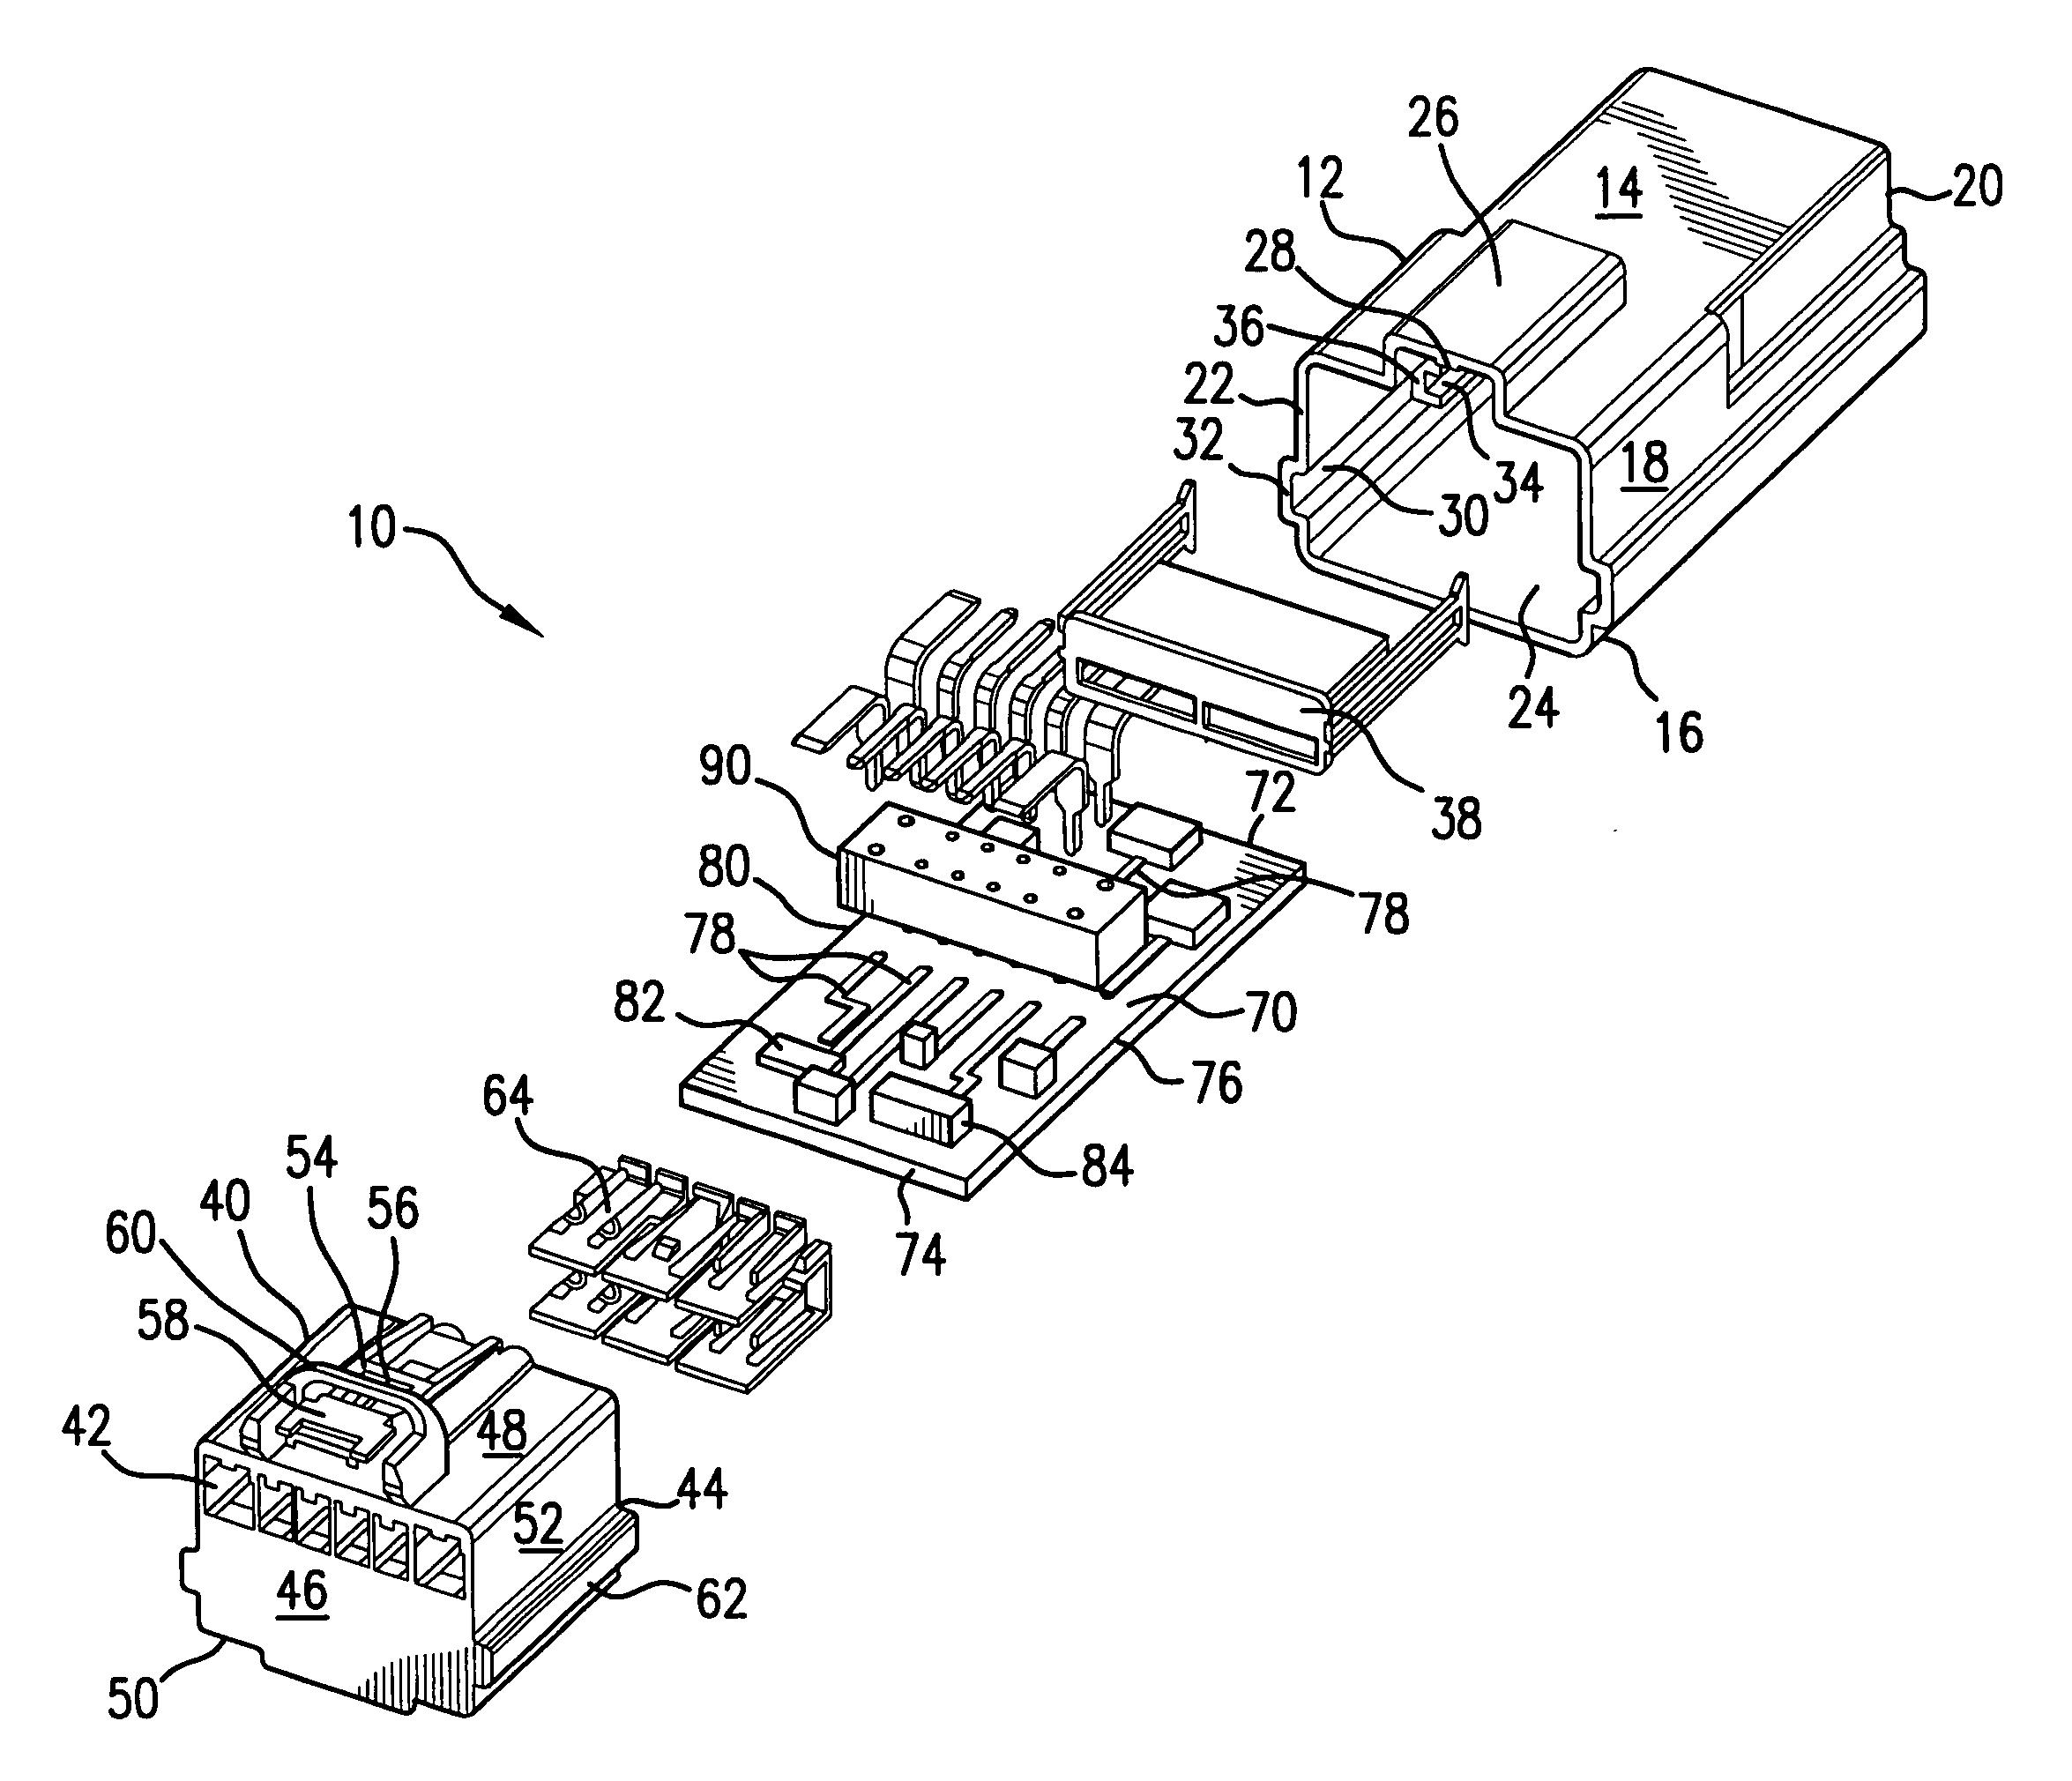 patent us6929487